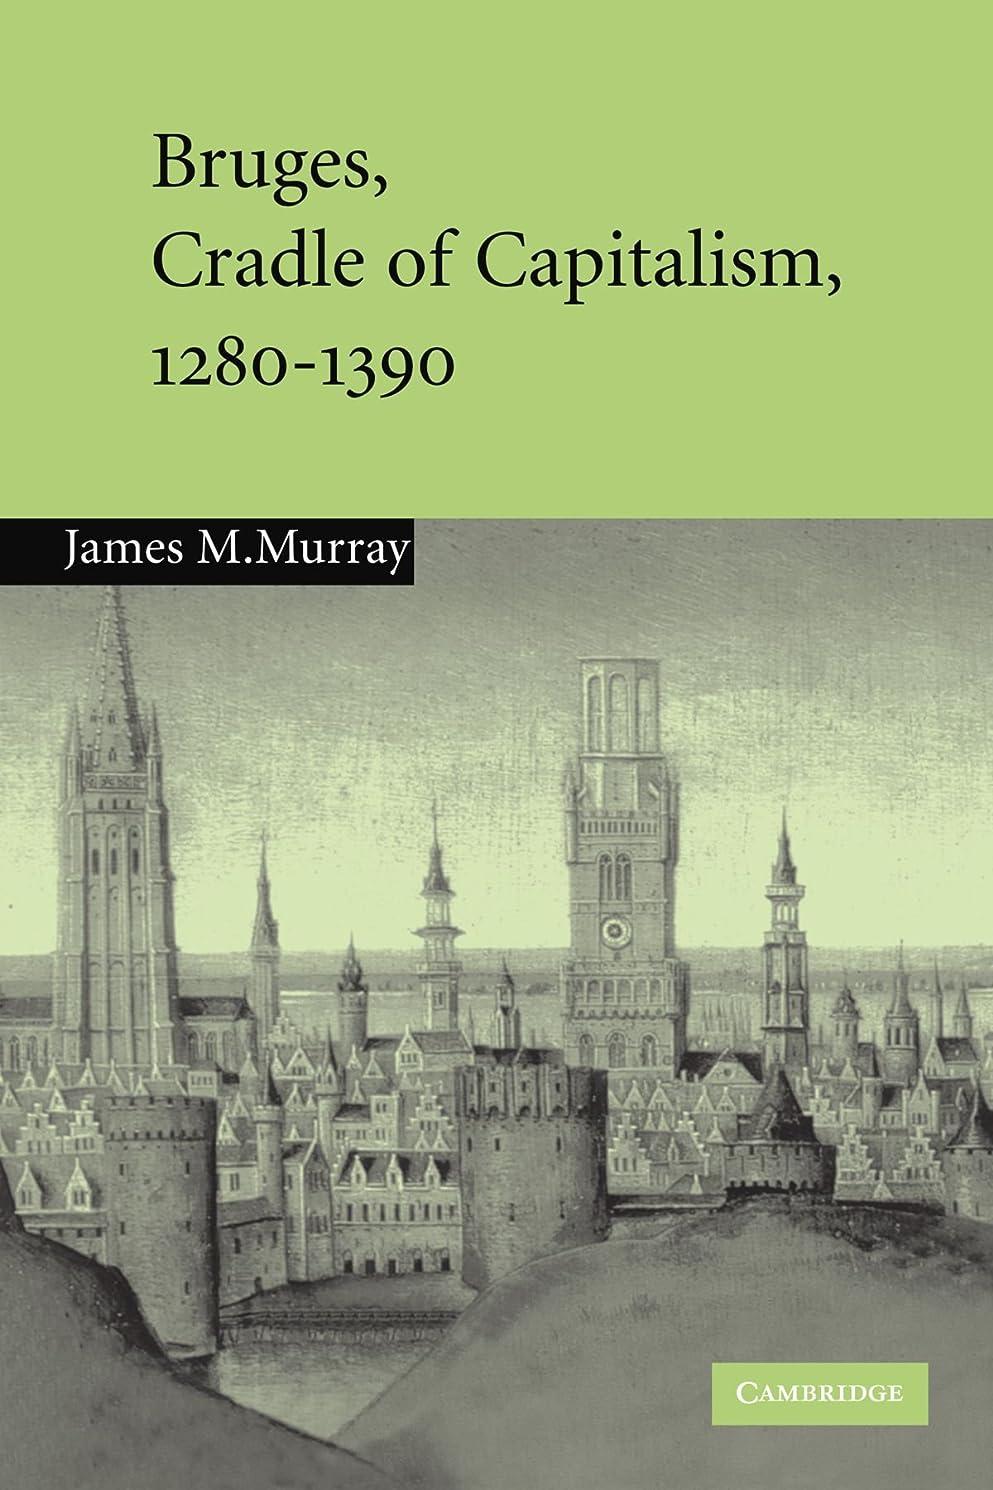 掃く腐食する大声でBruges, Cradle of Capitalism, 1280-1390